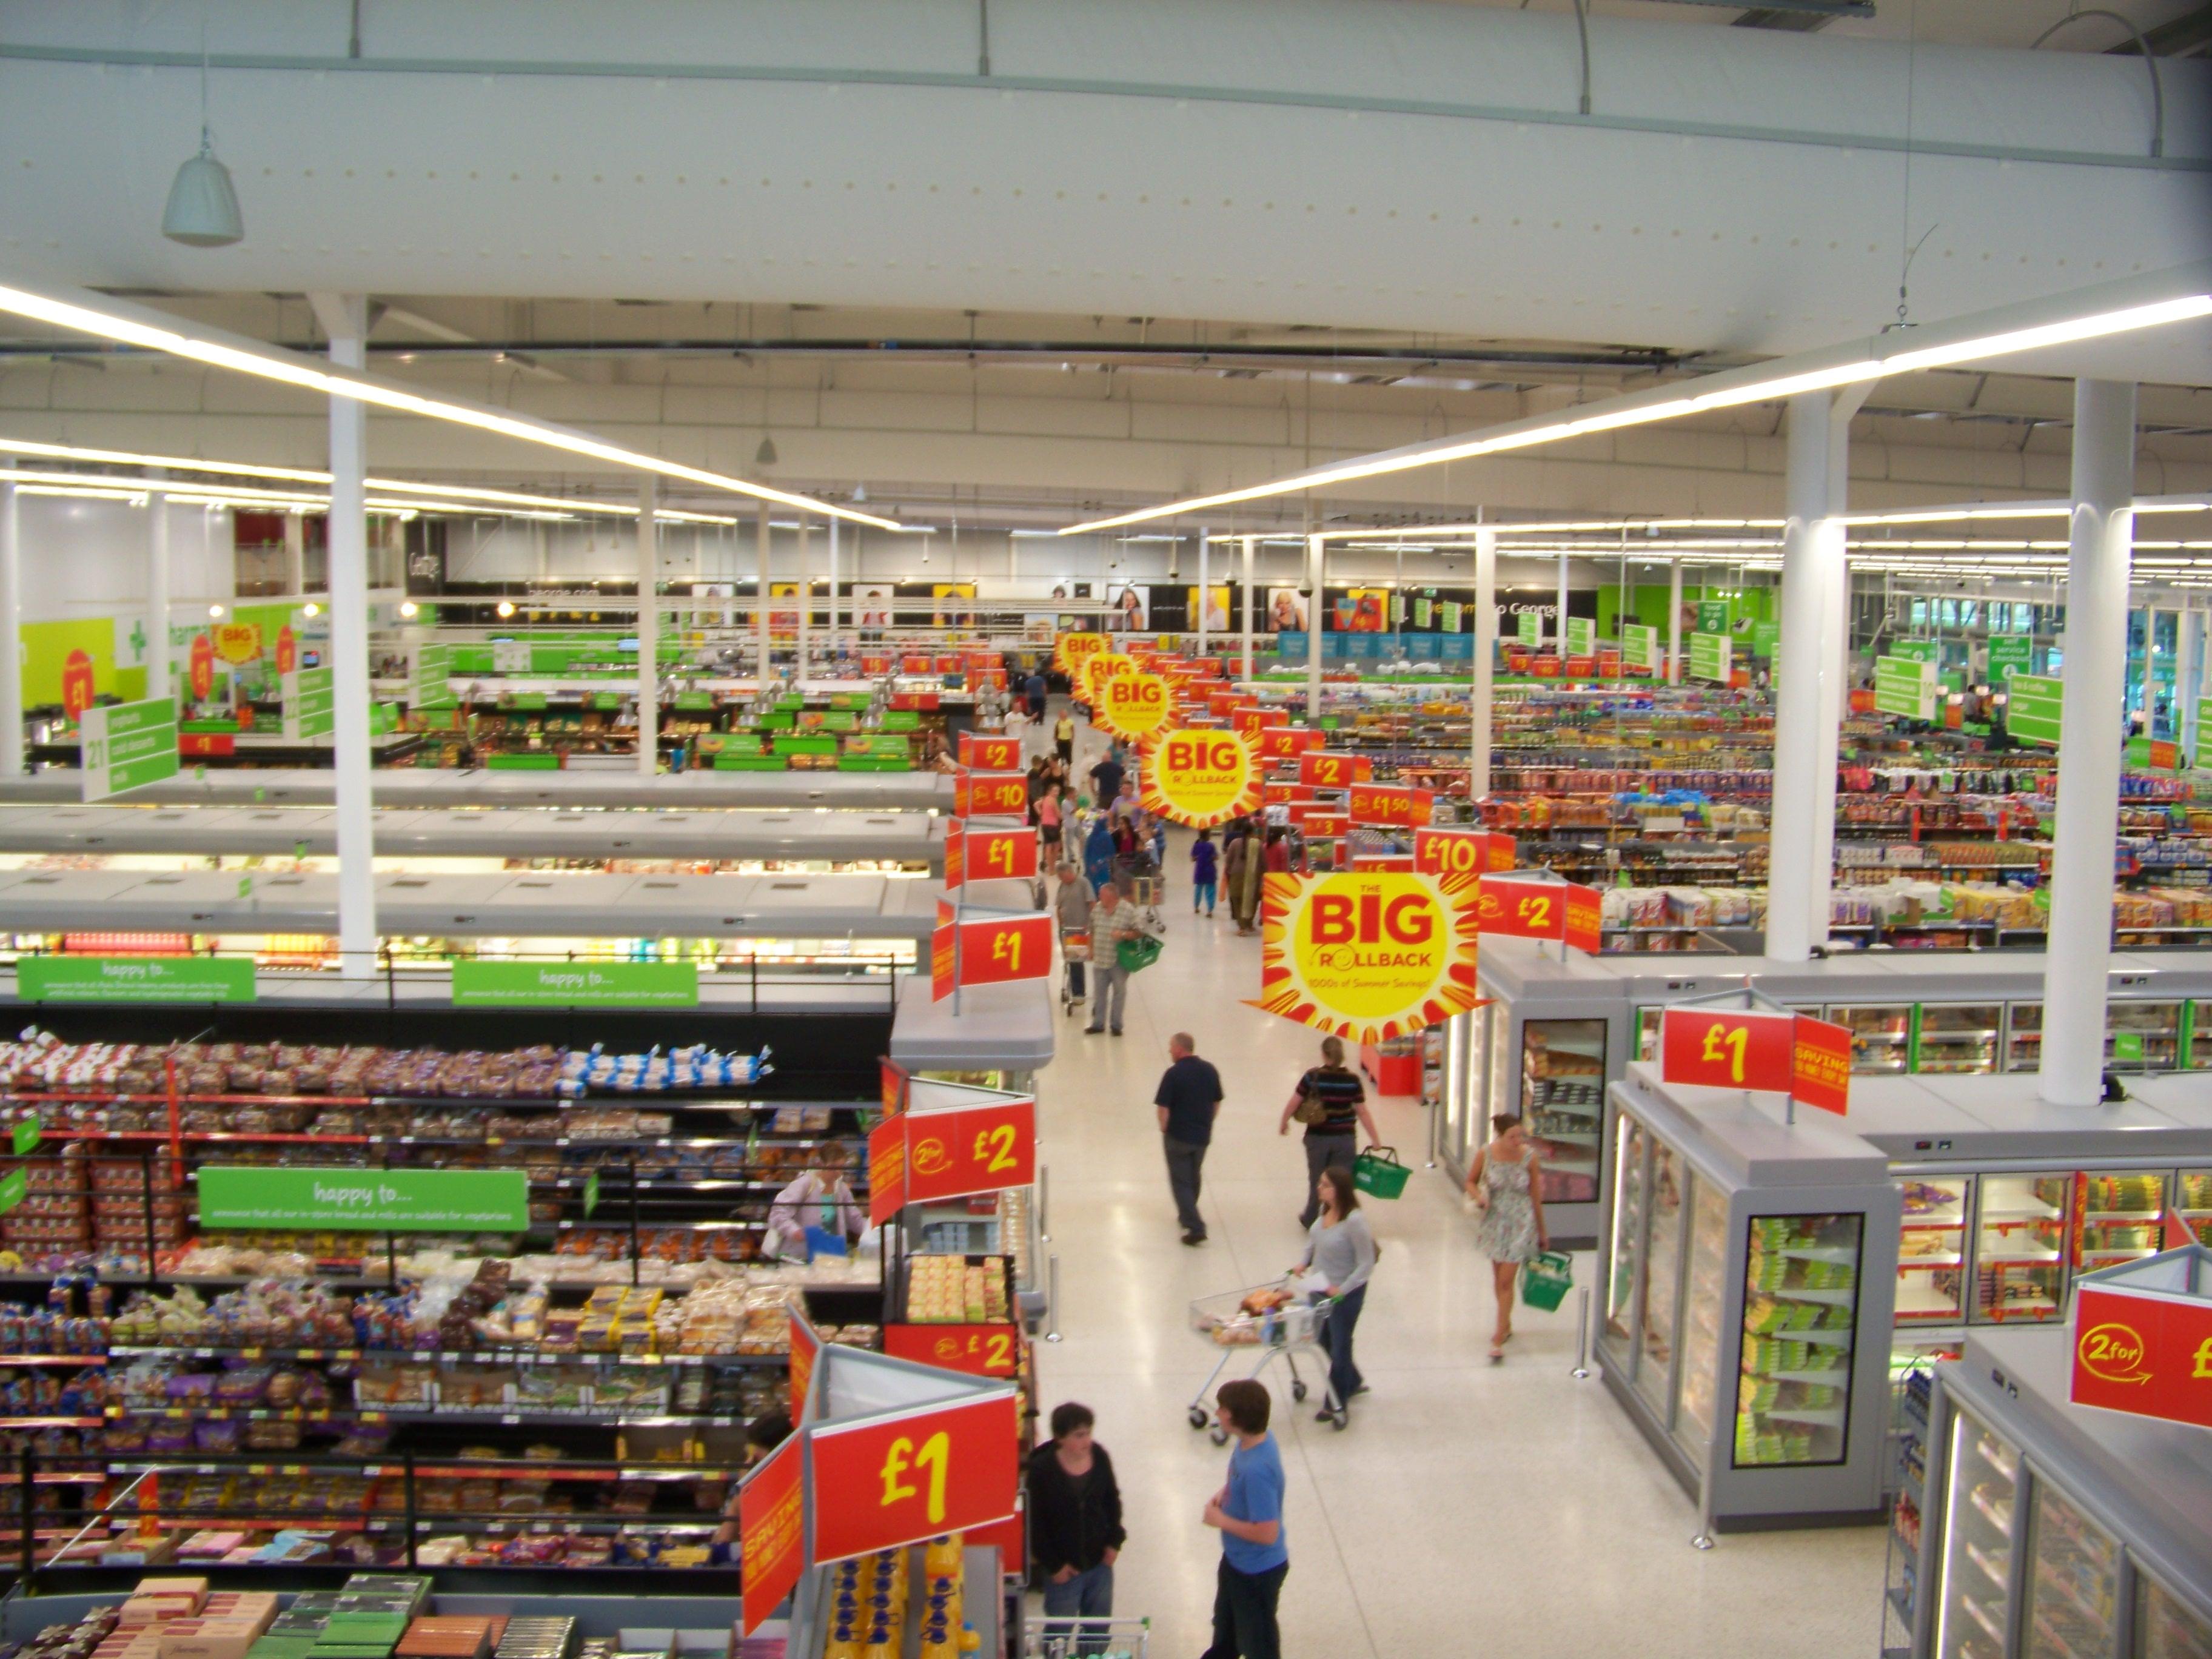 картинки магазинов покупок